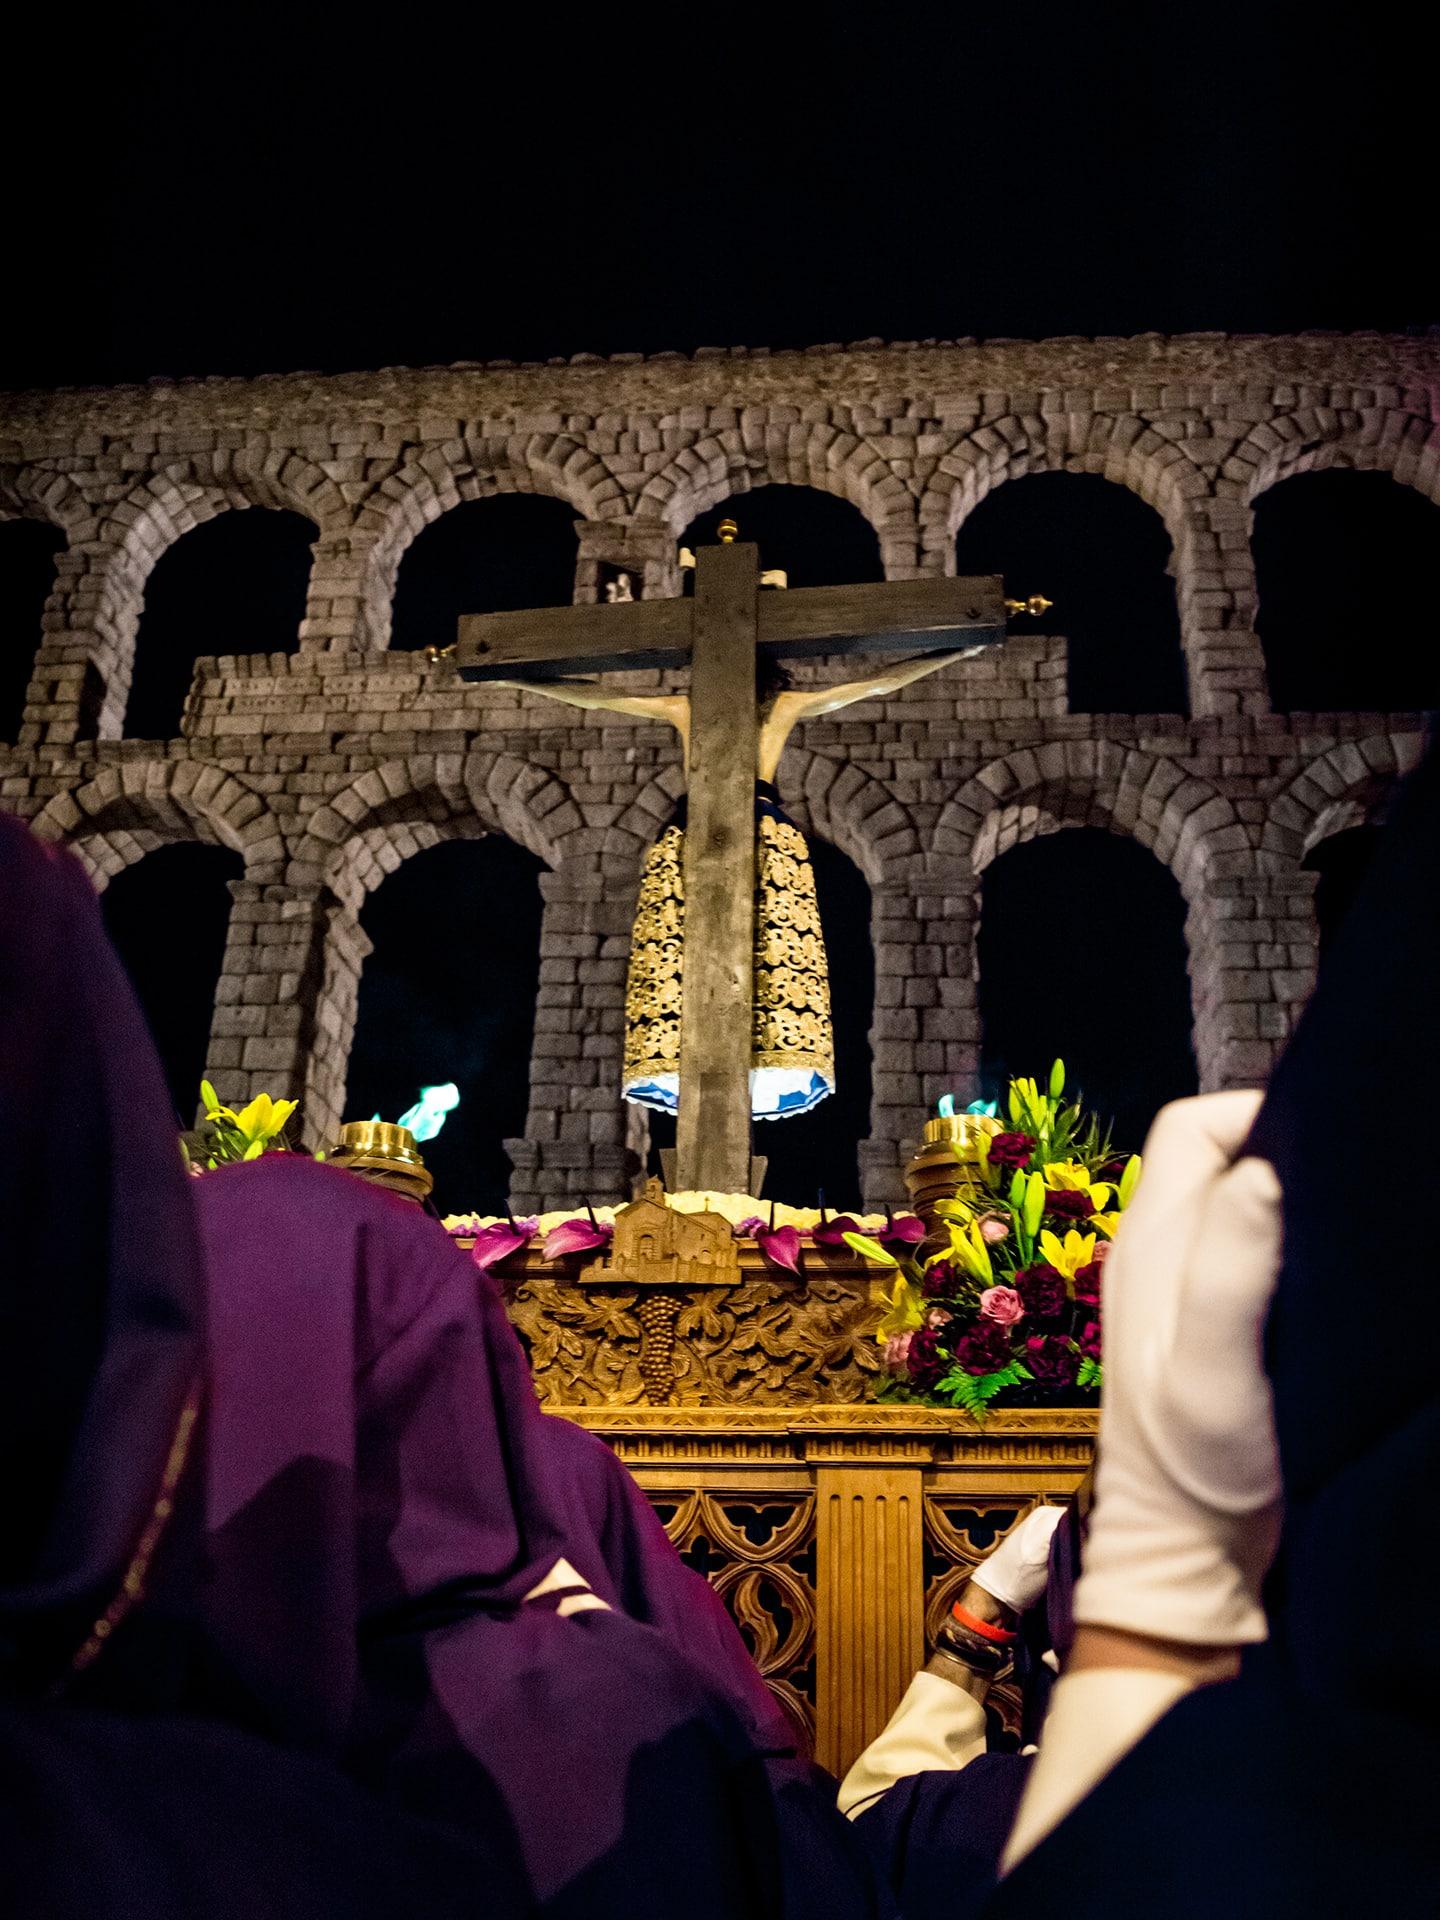 El cristo del mercado jueves santo, Segovia (Manu Rodrigo)